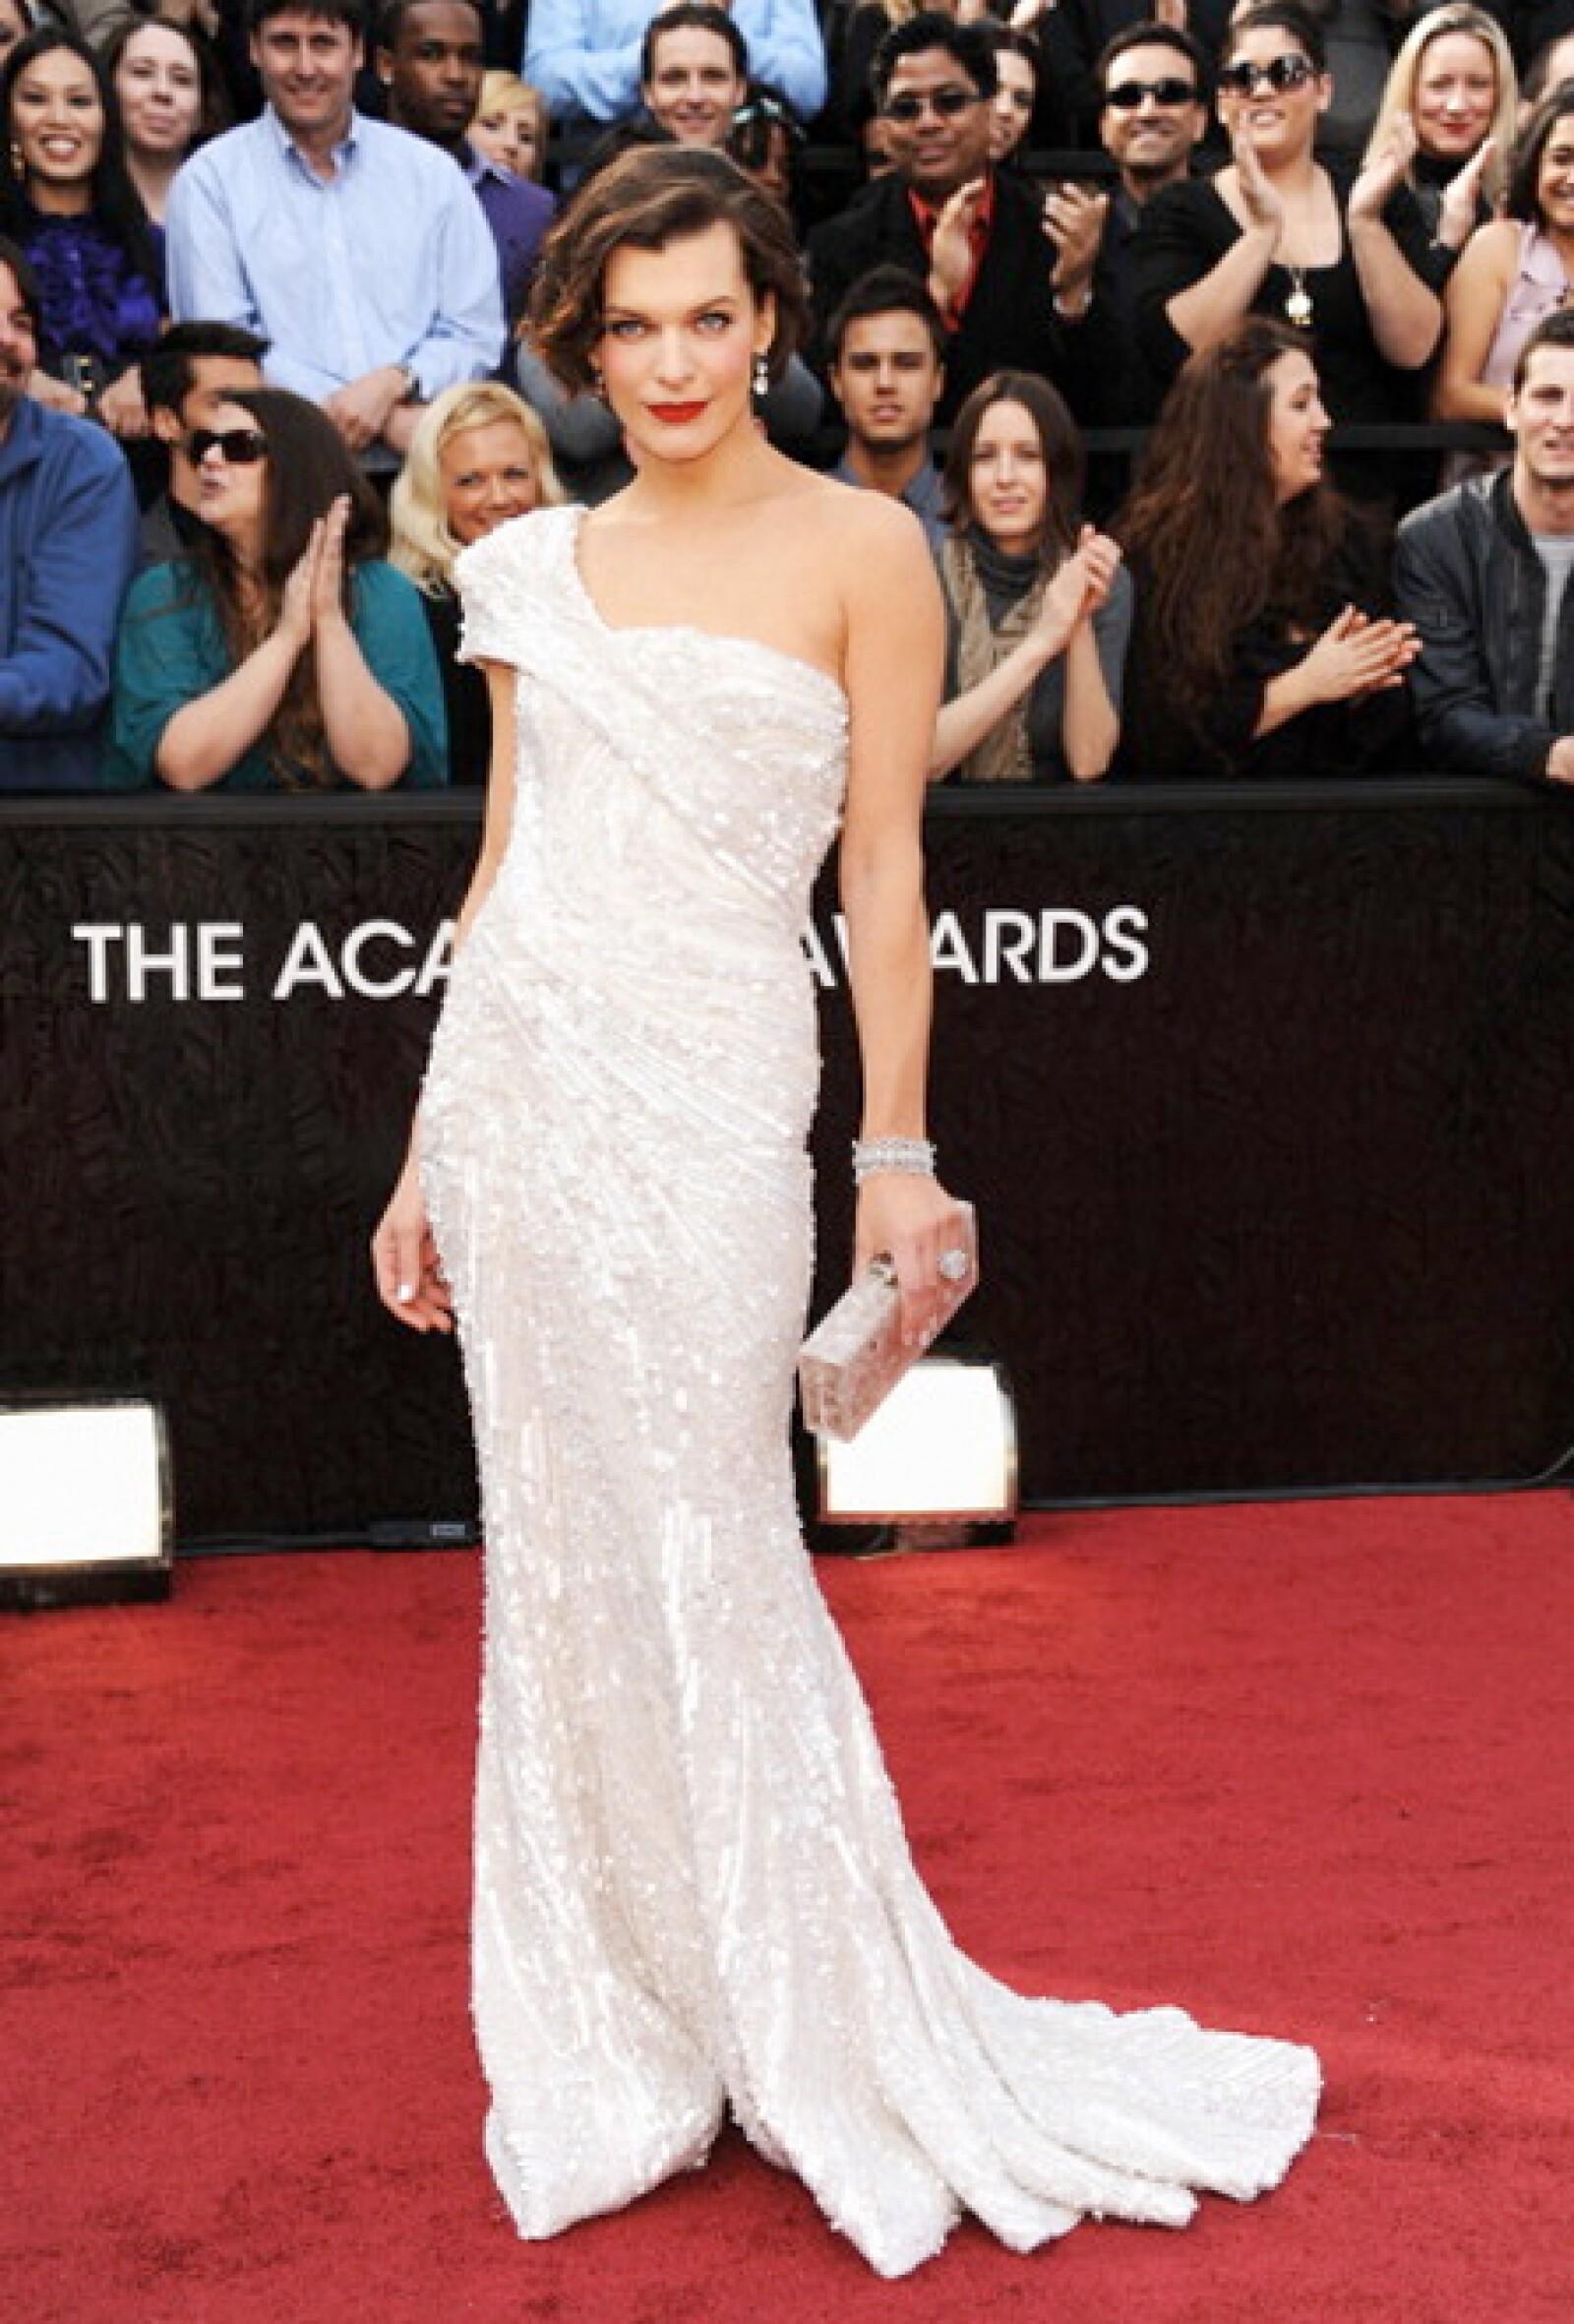 Éste es sin duda uno de nuestros looks favoritos de la actriz y modelo.